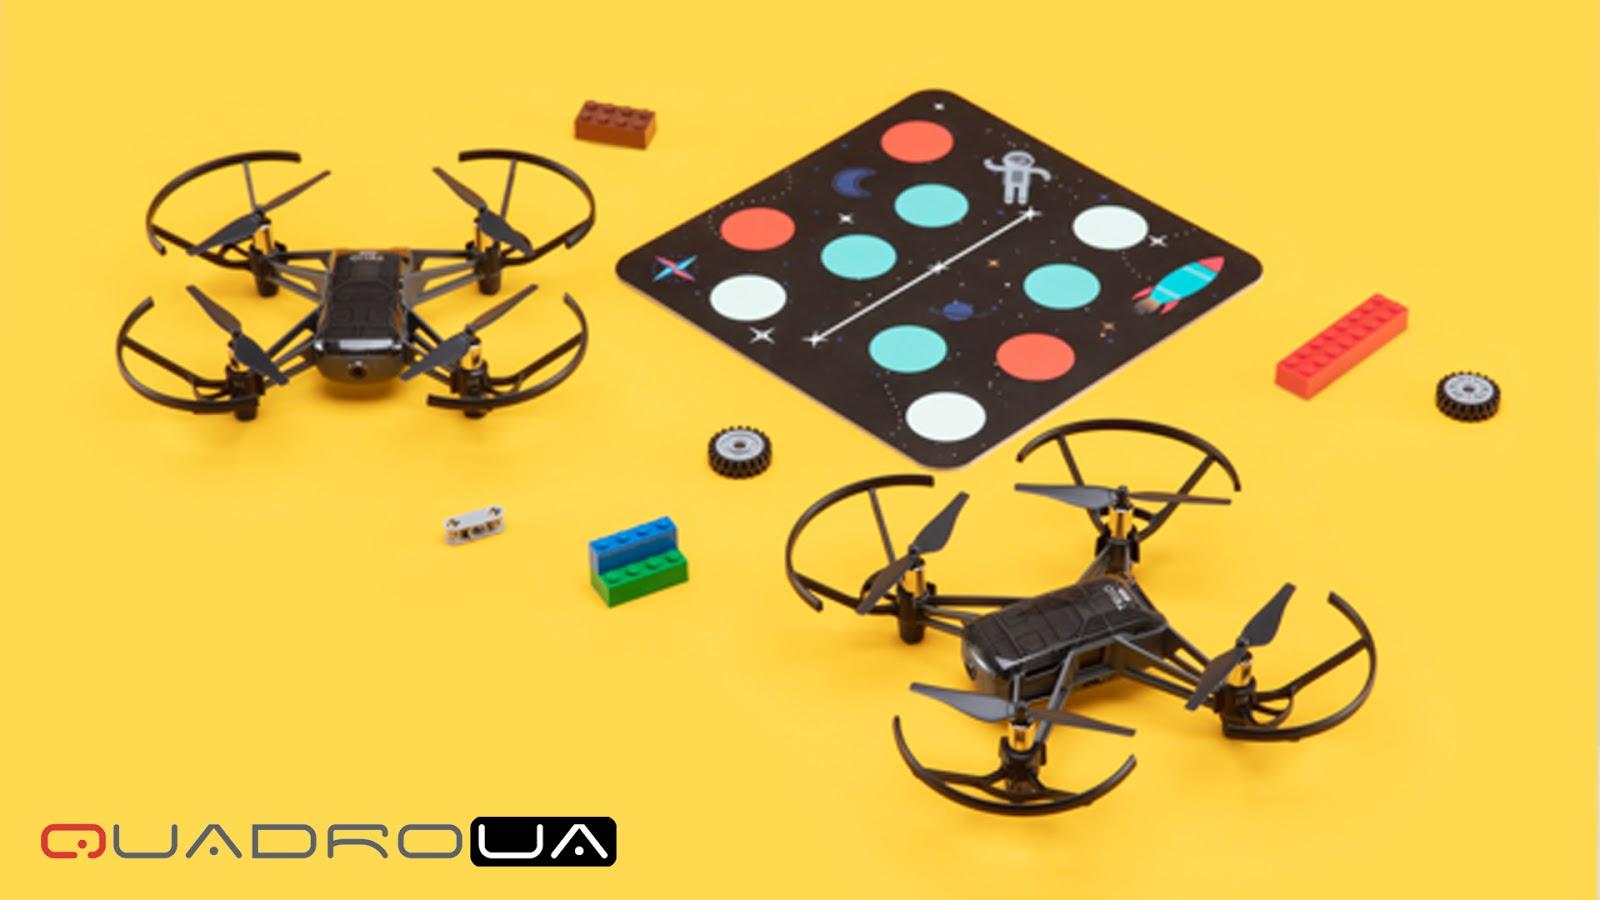 Образовательная миссия DJI: через веселые соревнования к робототехнике и программированию